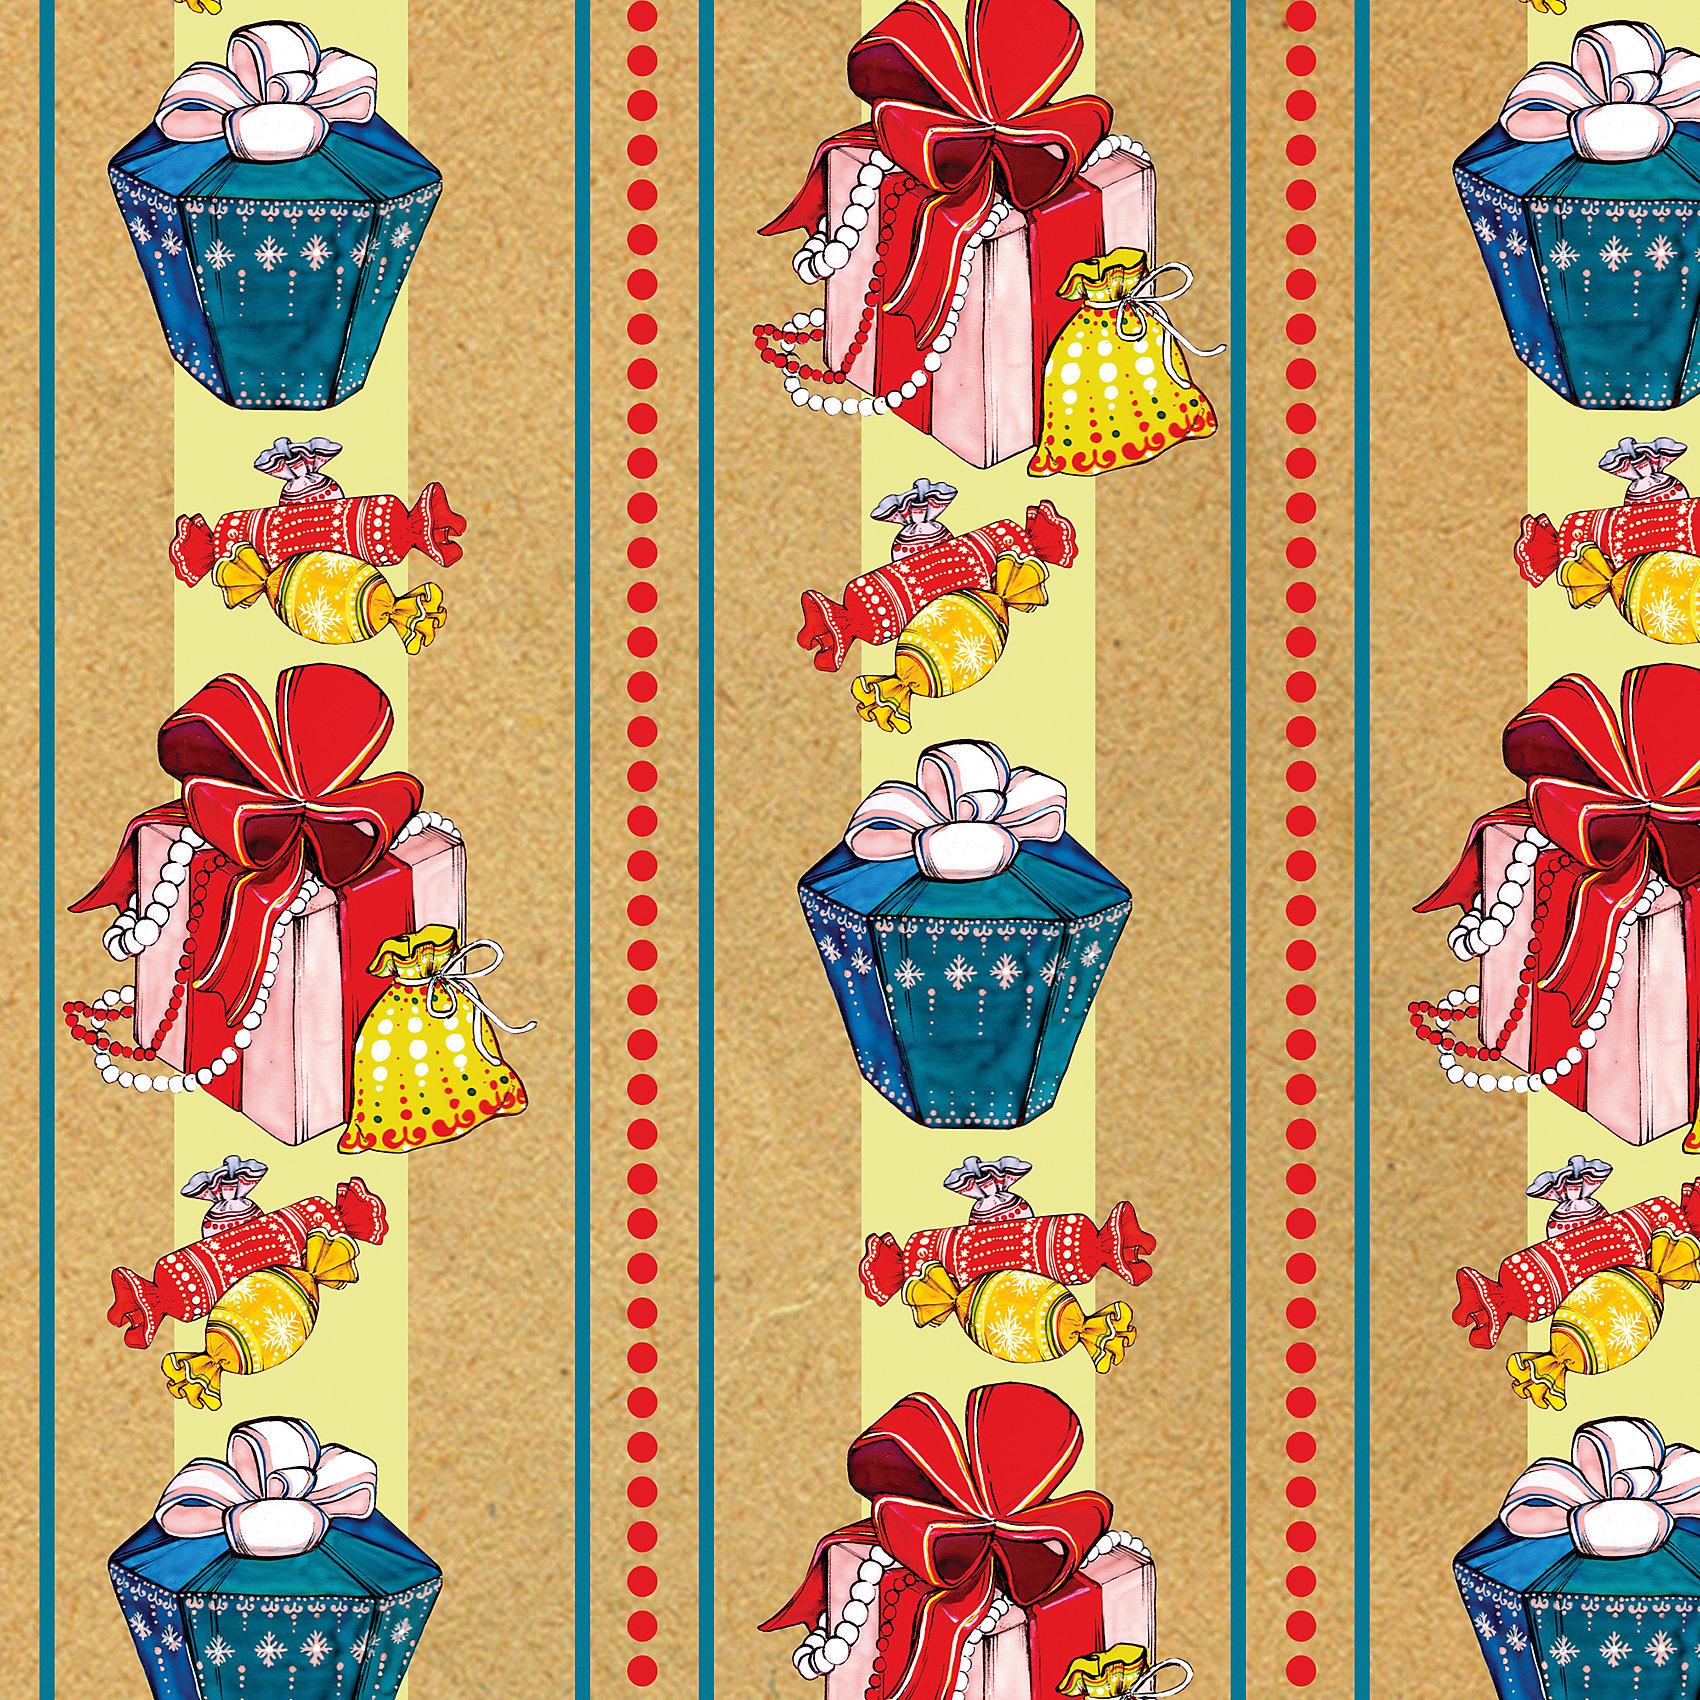 Бумага крафт Подарки в листах размером 100х70 смБумага крафт ПОДАРКИ арт.43042 для сувенирной продукции в листах размером 100х70 см, немелованная, с полноцветным декоративным рисунком, плотность 80 г/м2, свернута в рулончик<br><br>Ширина мм: 10<br>Глубина мм: 10<br>Высота мм: 700<br>Вес г: 59<br>Возраст от месяцев: 60<br>Возраст до месяцев: 600<br>Пол: Унисекс<br>Возраст: Детский<br>SKU: 5144638